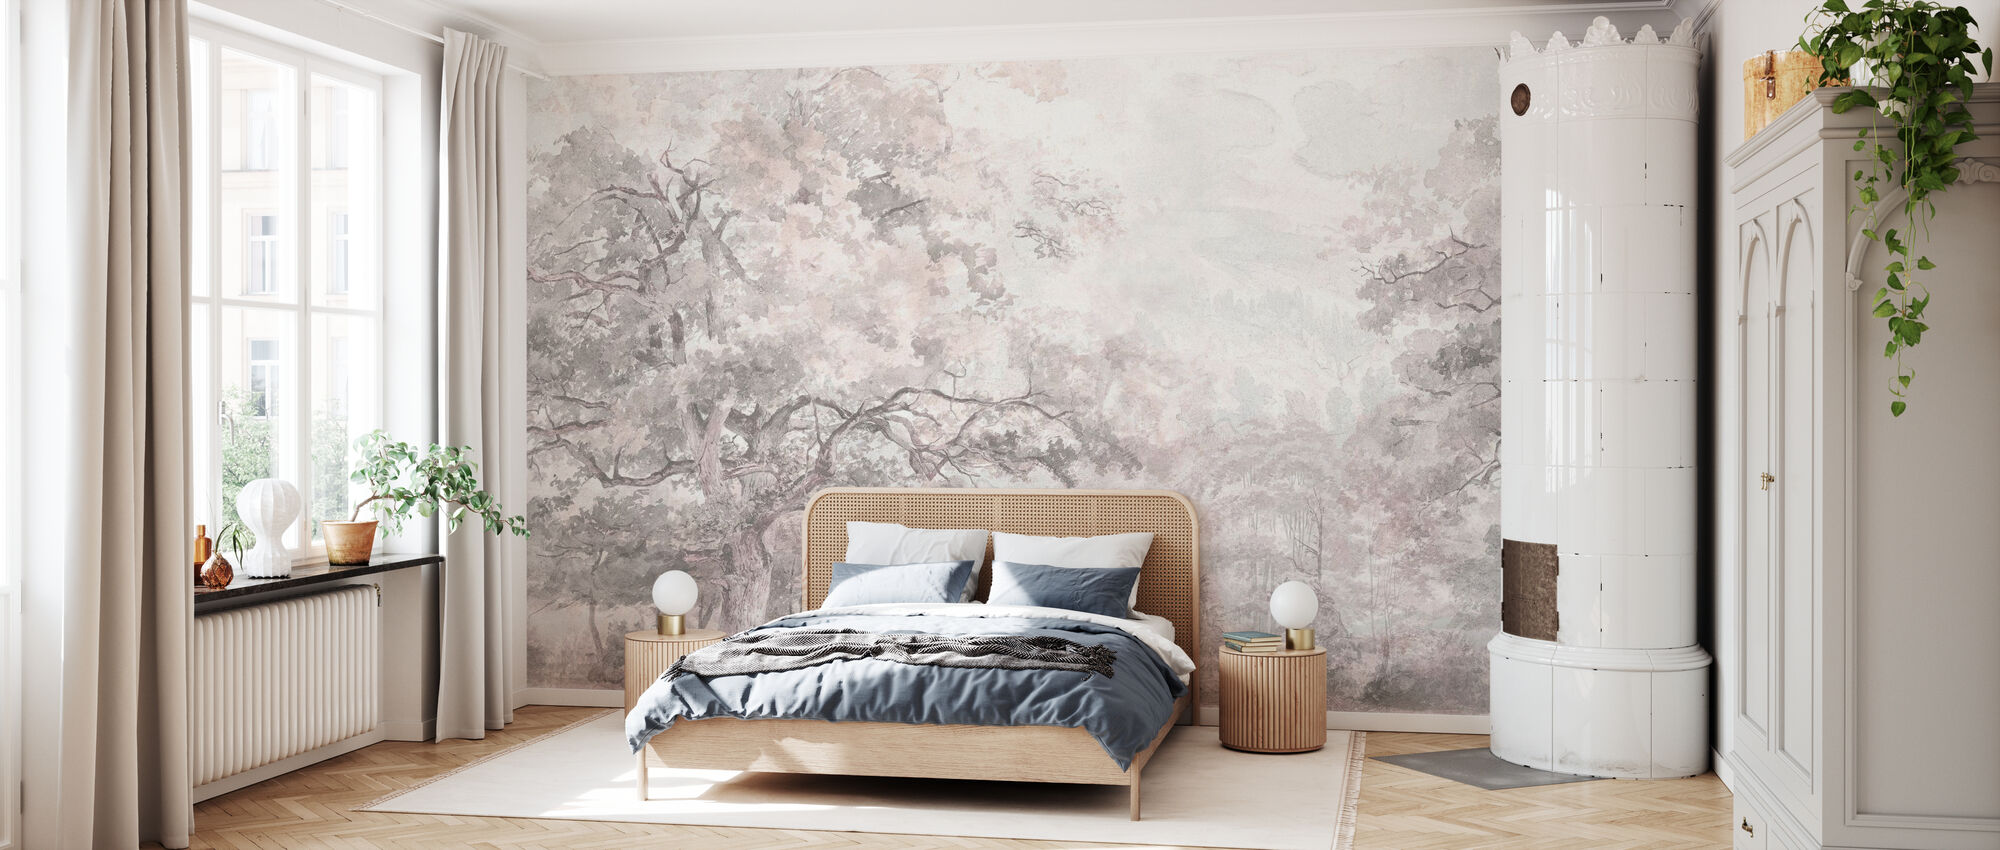 Schoonheid Overal - Roze - Behang - Slaapkamer